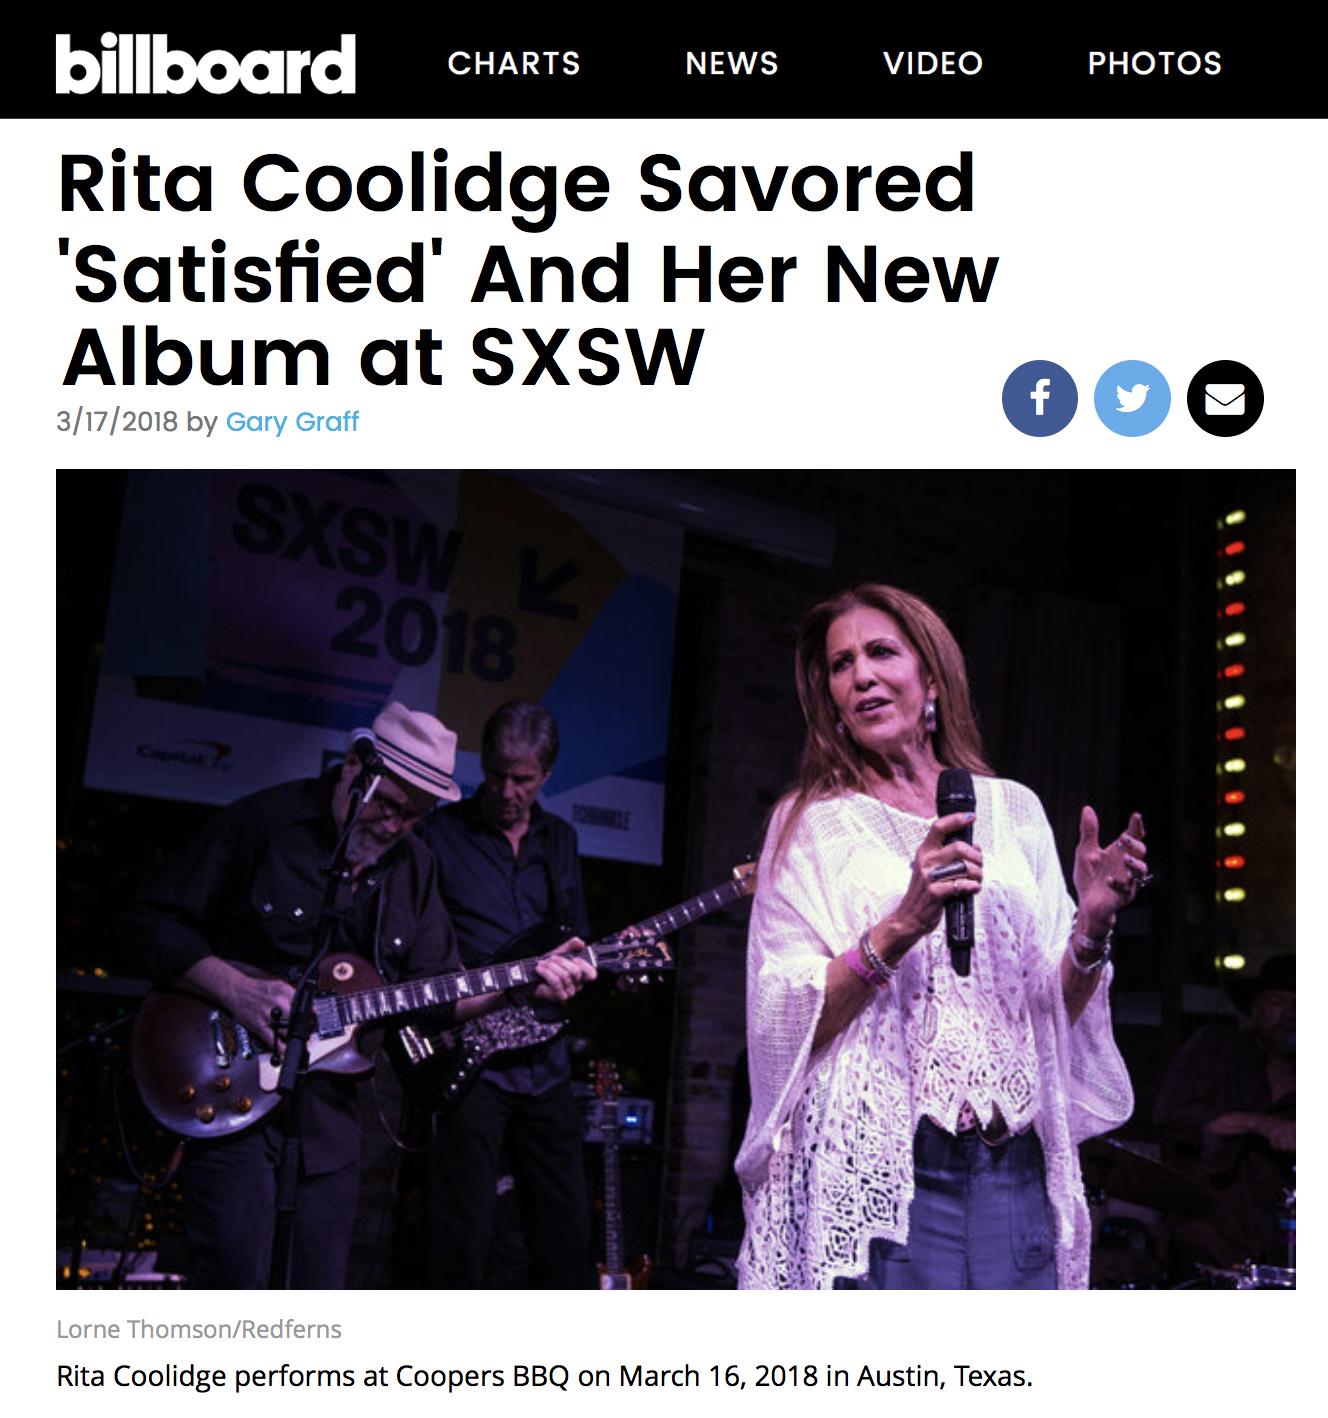 SEE ARTICLE ON BILLBOARD.COM